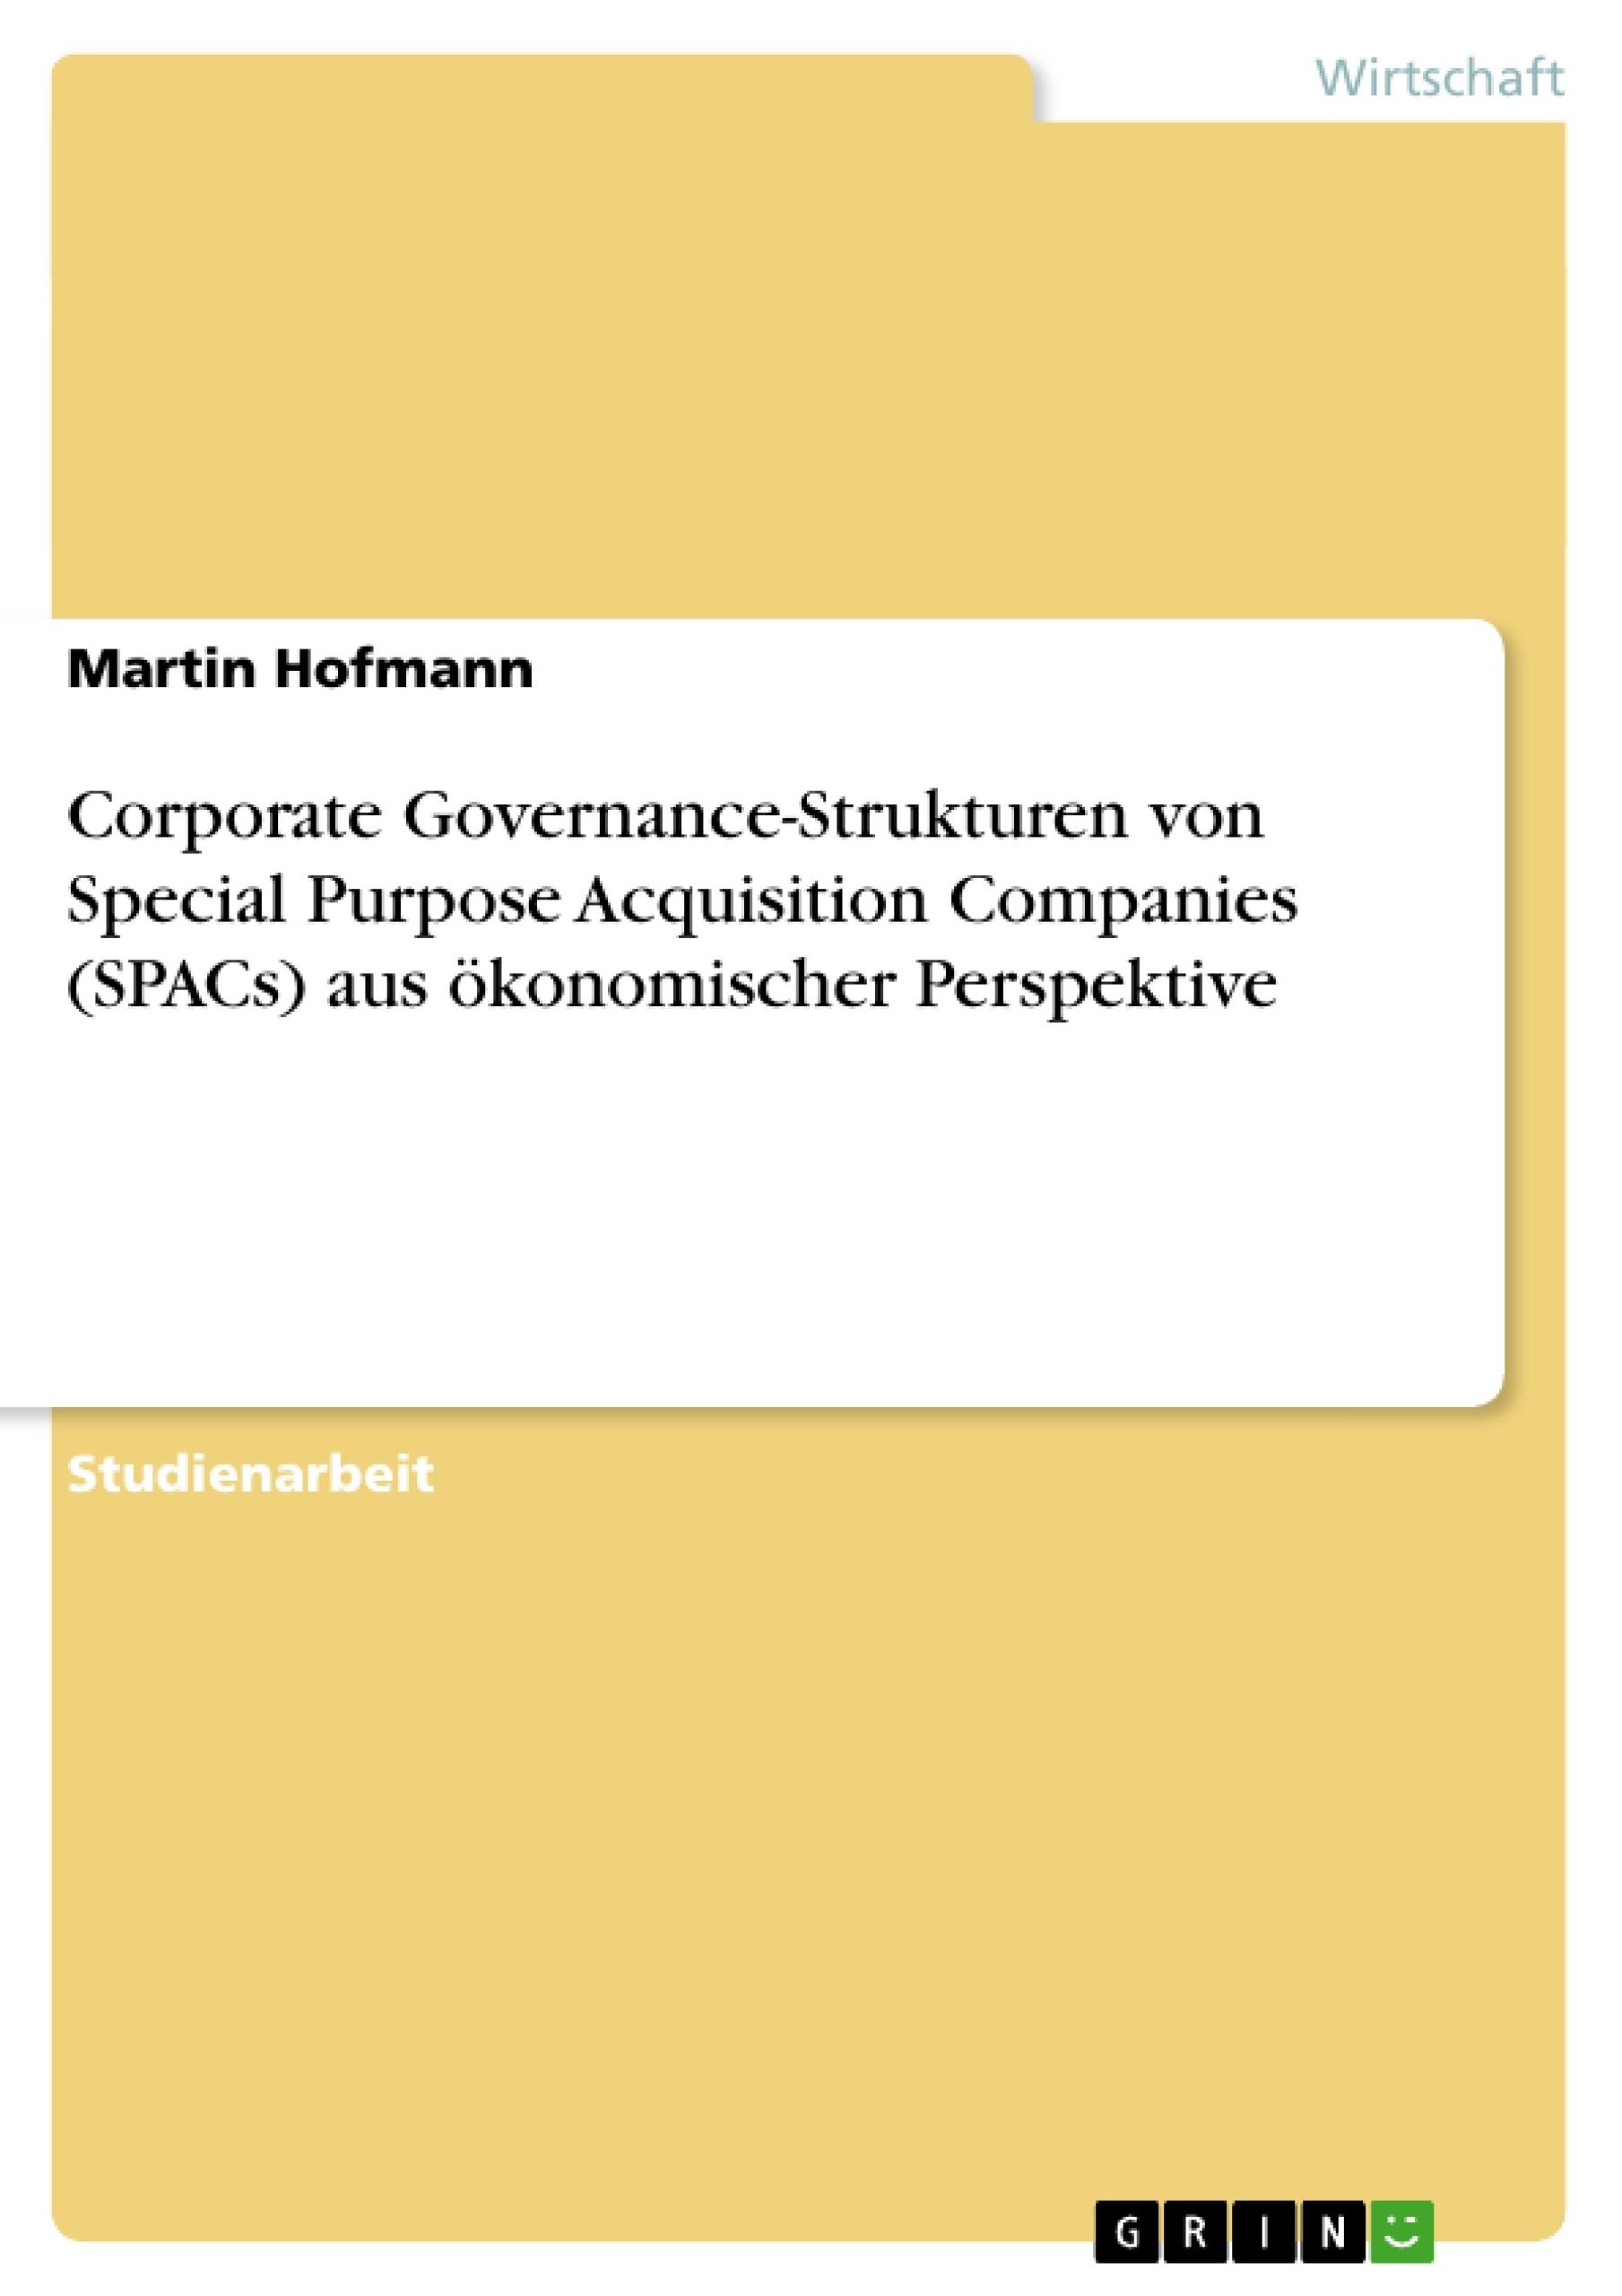 Titel: Corporate Governance-Strukturen von Special Purpose Acquisition Companies (SPACs) aus ökonomischer Perspektive